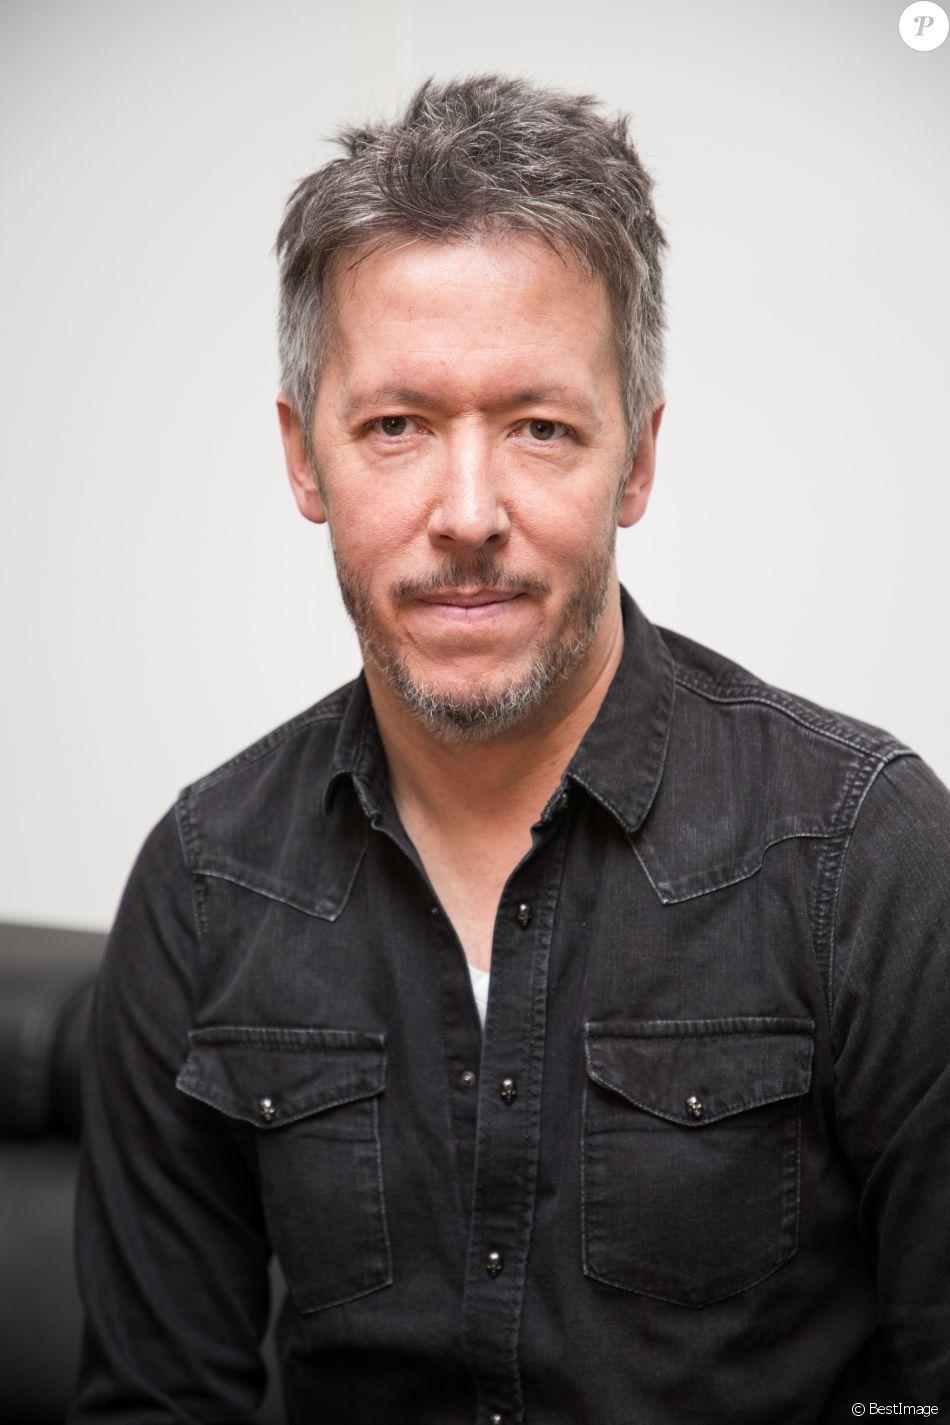 Exclusif - Jean-Luc Lemoine pose dans les locaux de Webedia lors d'un interview pour Purepeople à Levallois-Perret le 21 mars 2018.